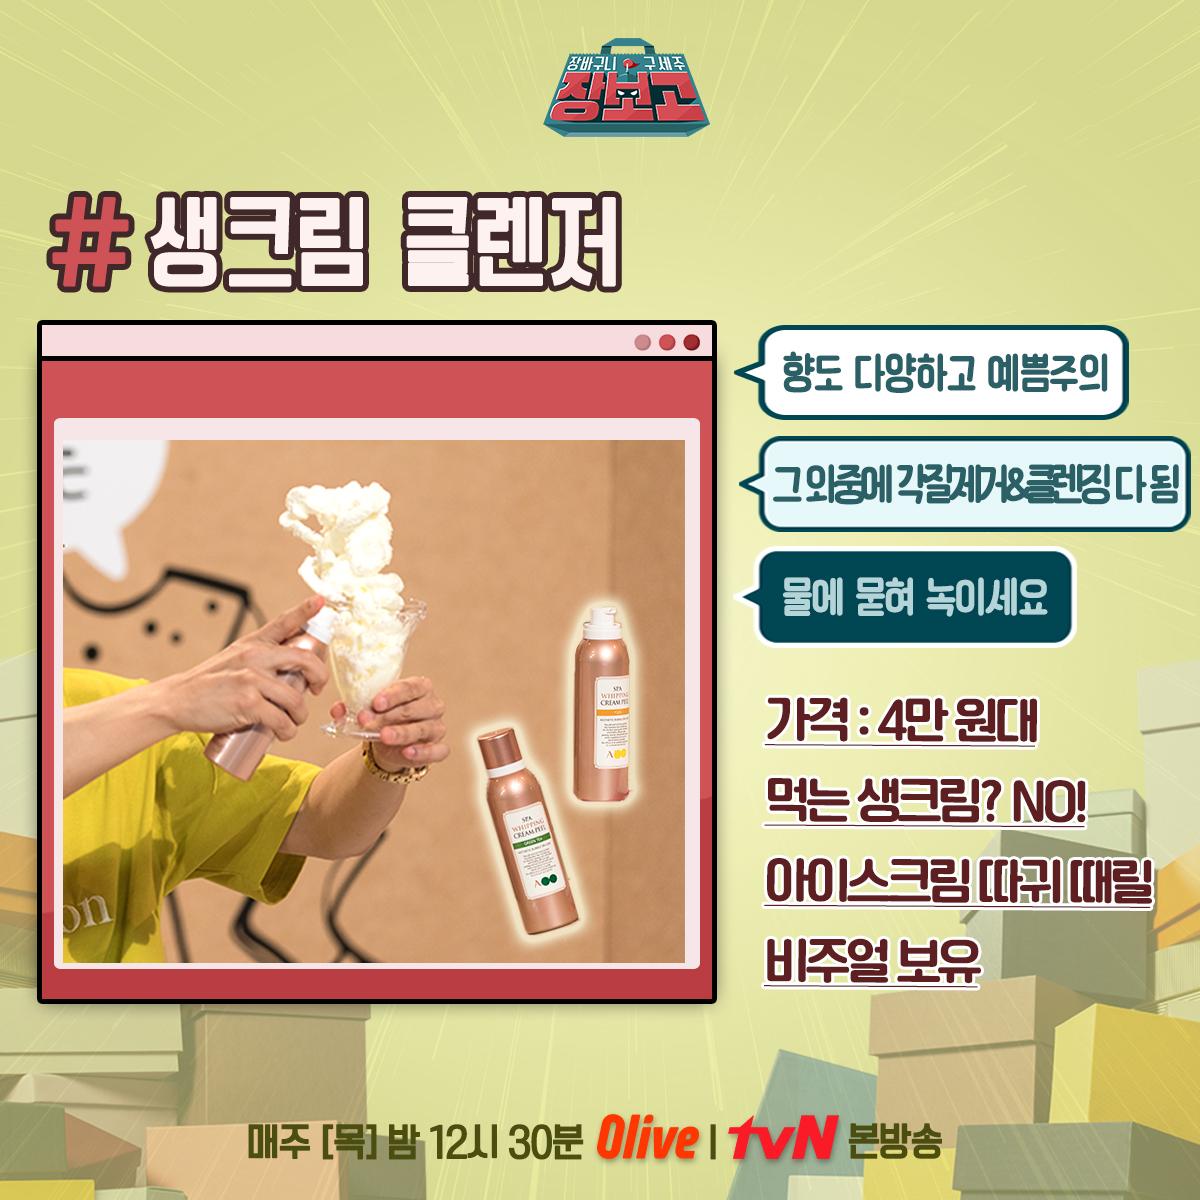 1_생크림클렌저_수정.jpg